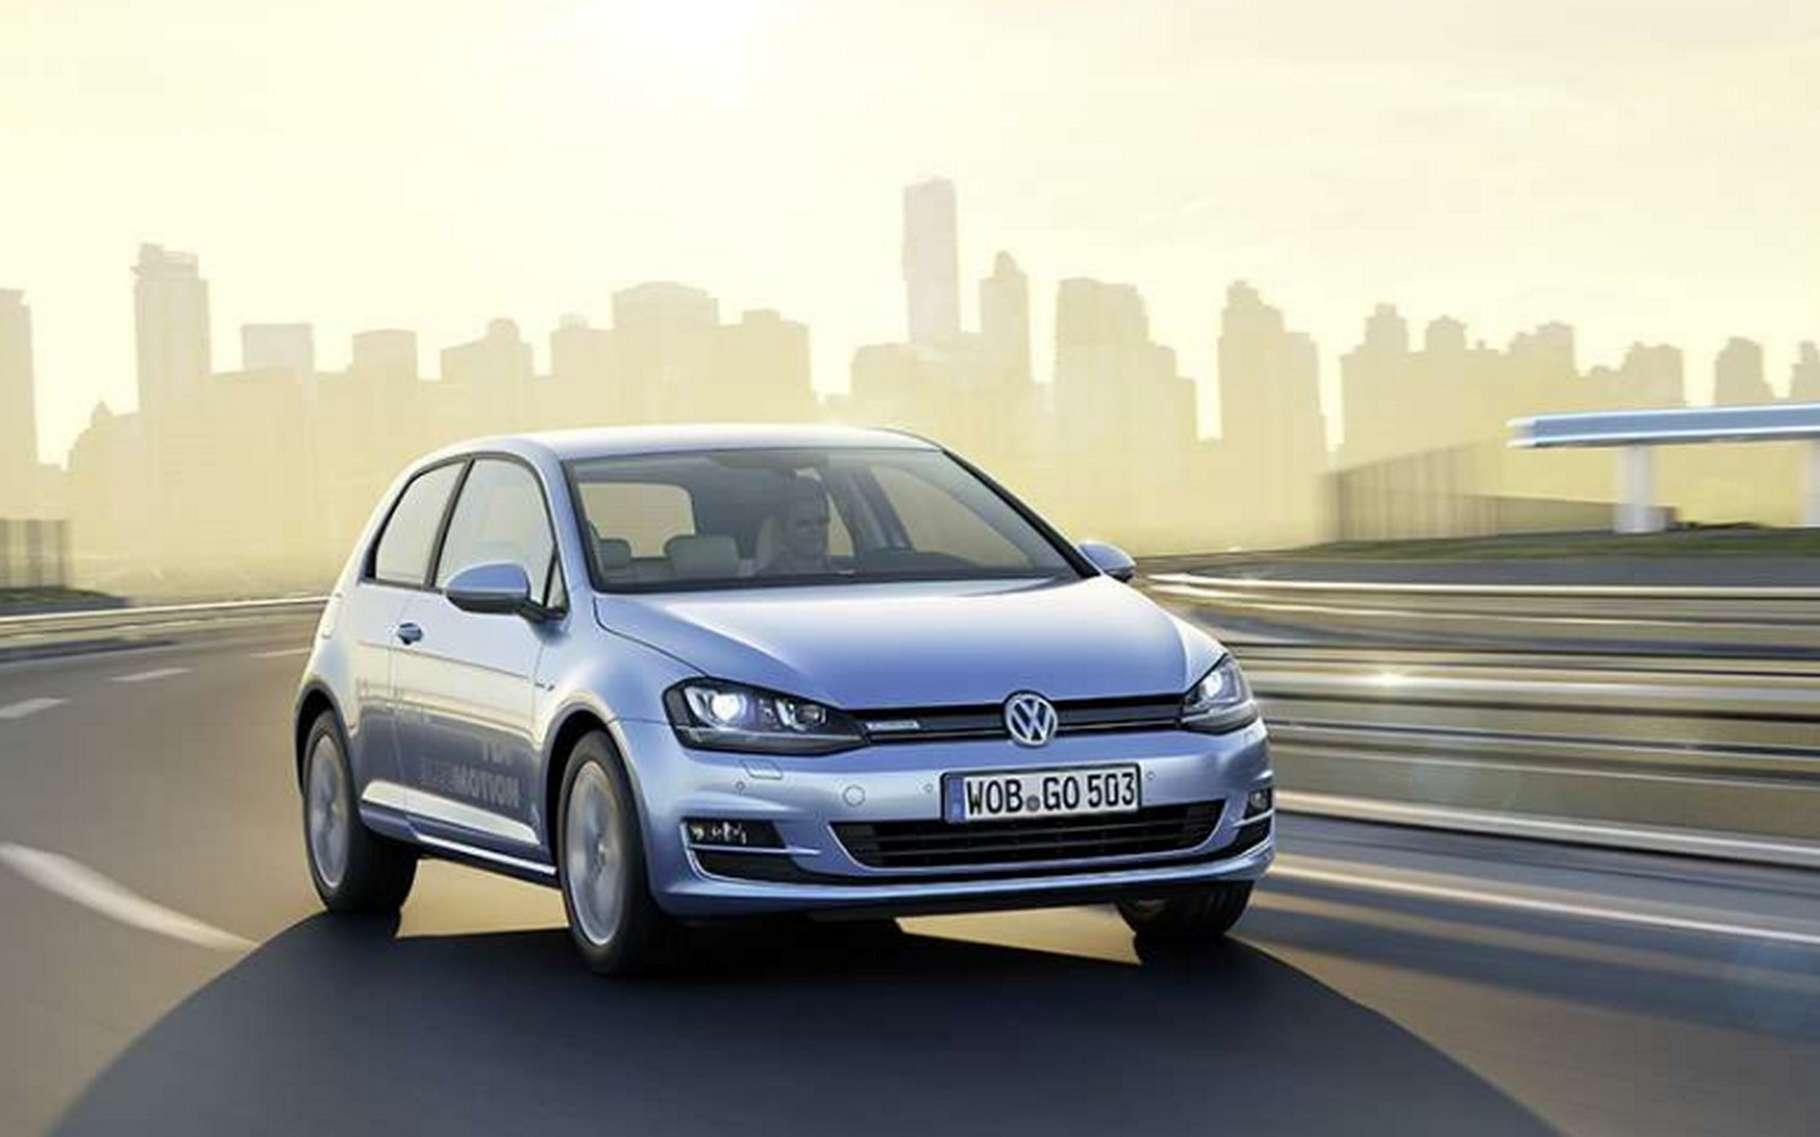 Le groupe automobile Volkswagen a reconnu avoir utilisé un logiciel pour fausser les résultats des tests antipollution pratiqués aux États-Unis sur ses véhicules à moteur diesel. L'entreprise a par la suite avoué que 11 millions de modèles à travers le monde étaient équipés de ce dispositif. © Volkswagen AG